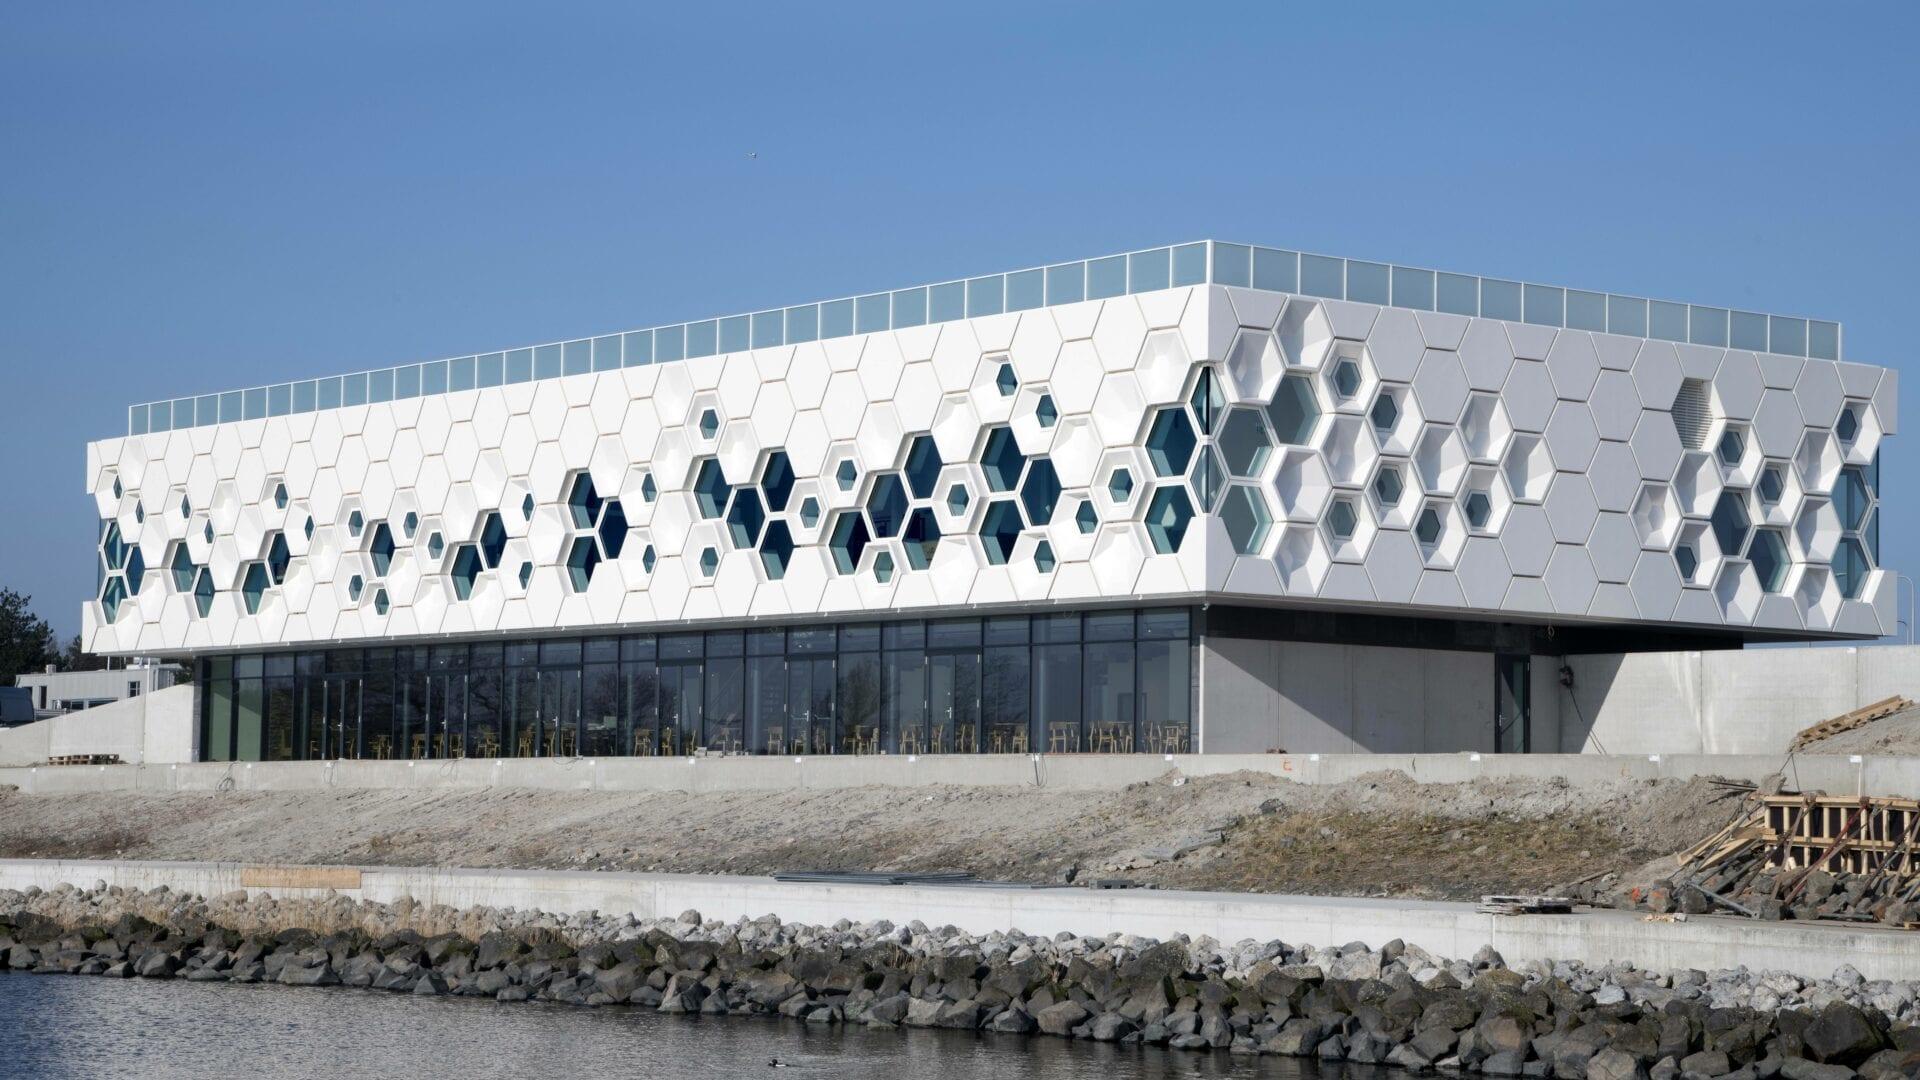 Afsluitdijk Wadden Center. Het witte gebouw van het museum. Dit bestaat uit zeshoekige stenen en ramen. Op de achtergrond zie je de weg bij de Afsluitdijk lopen.